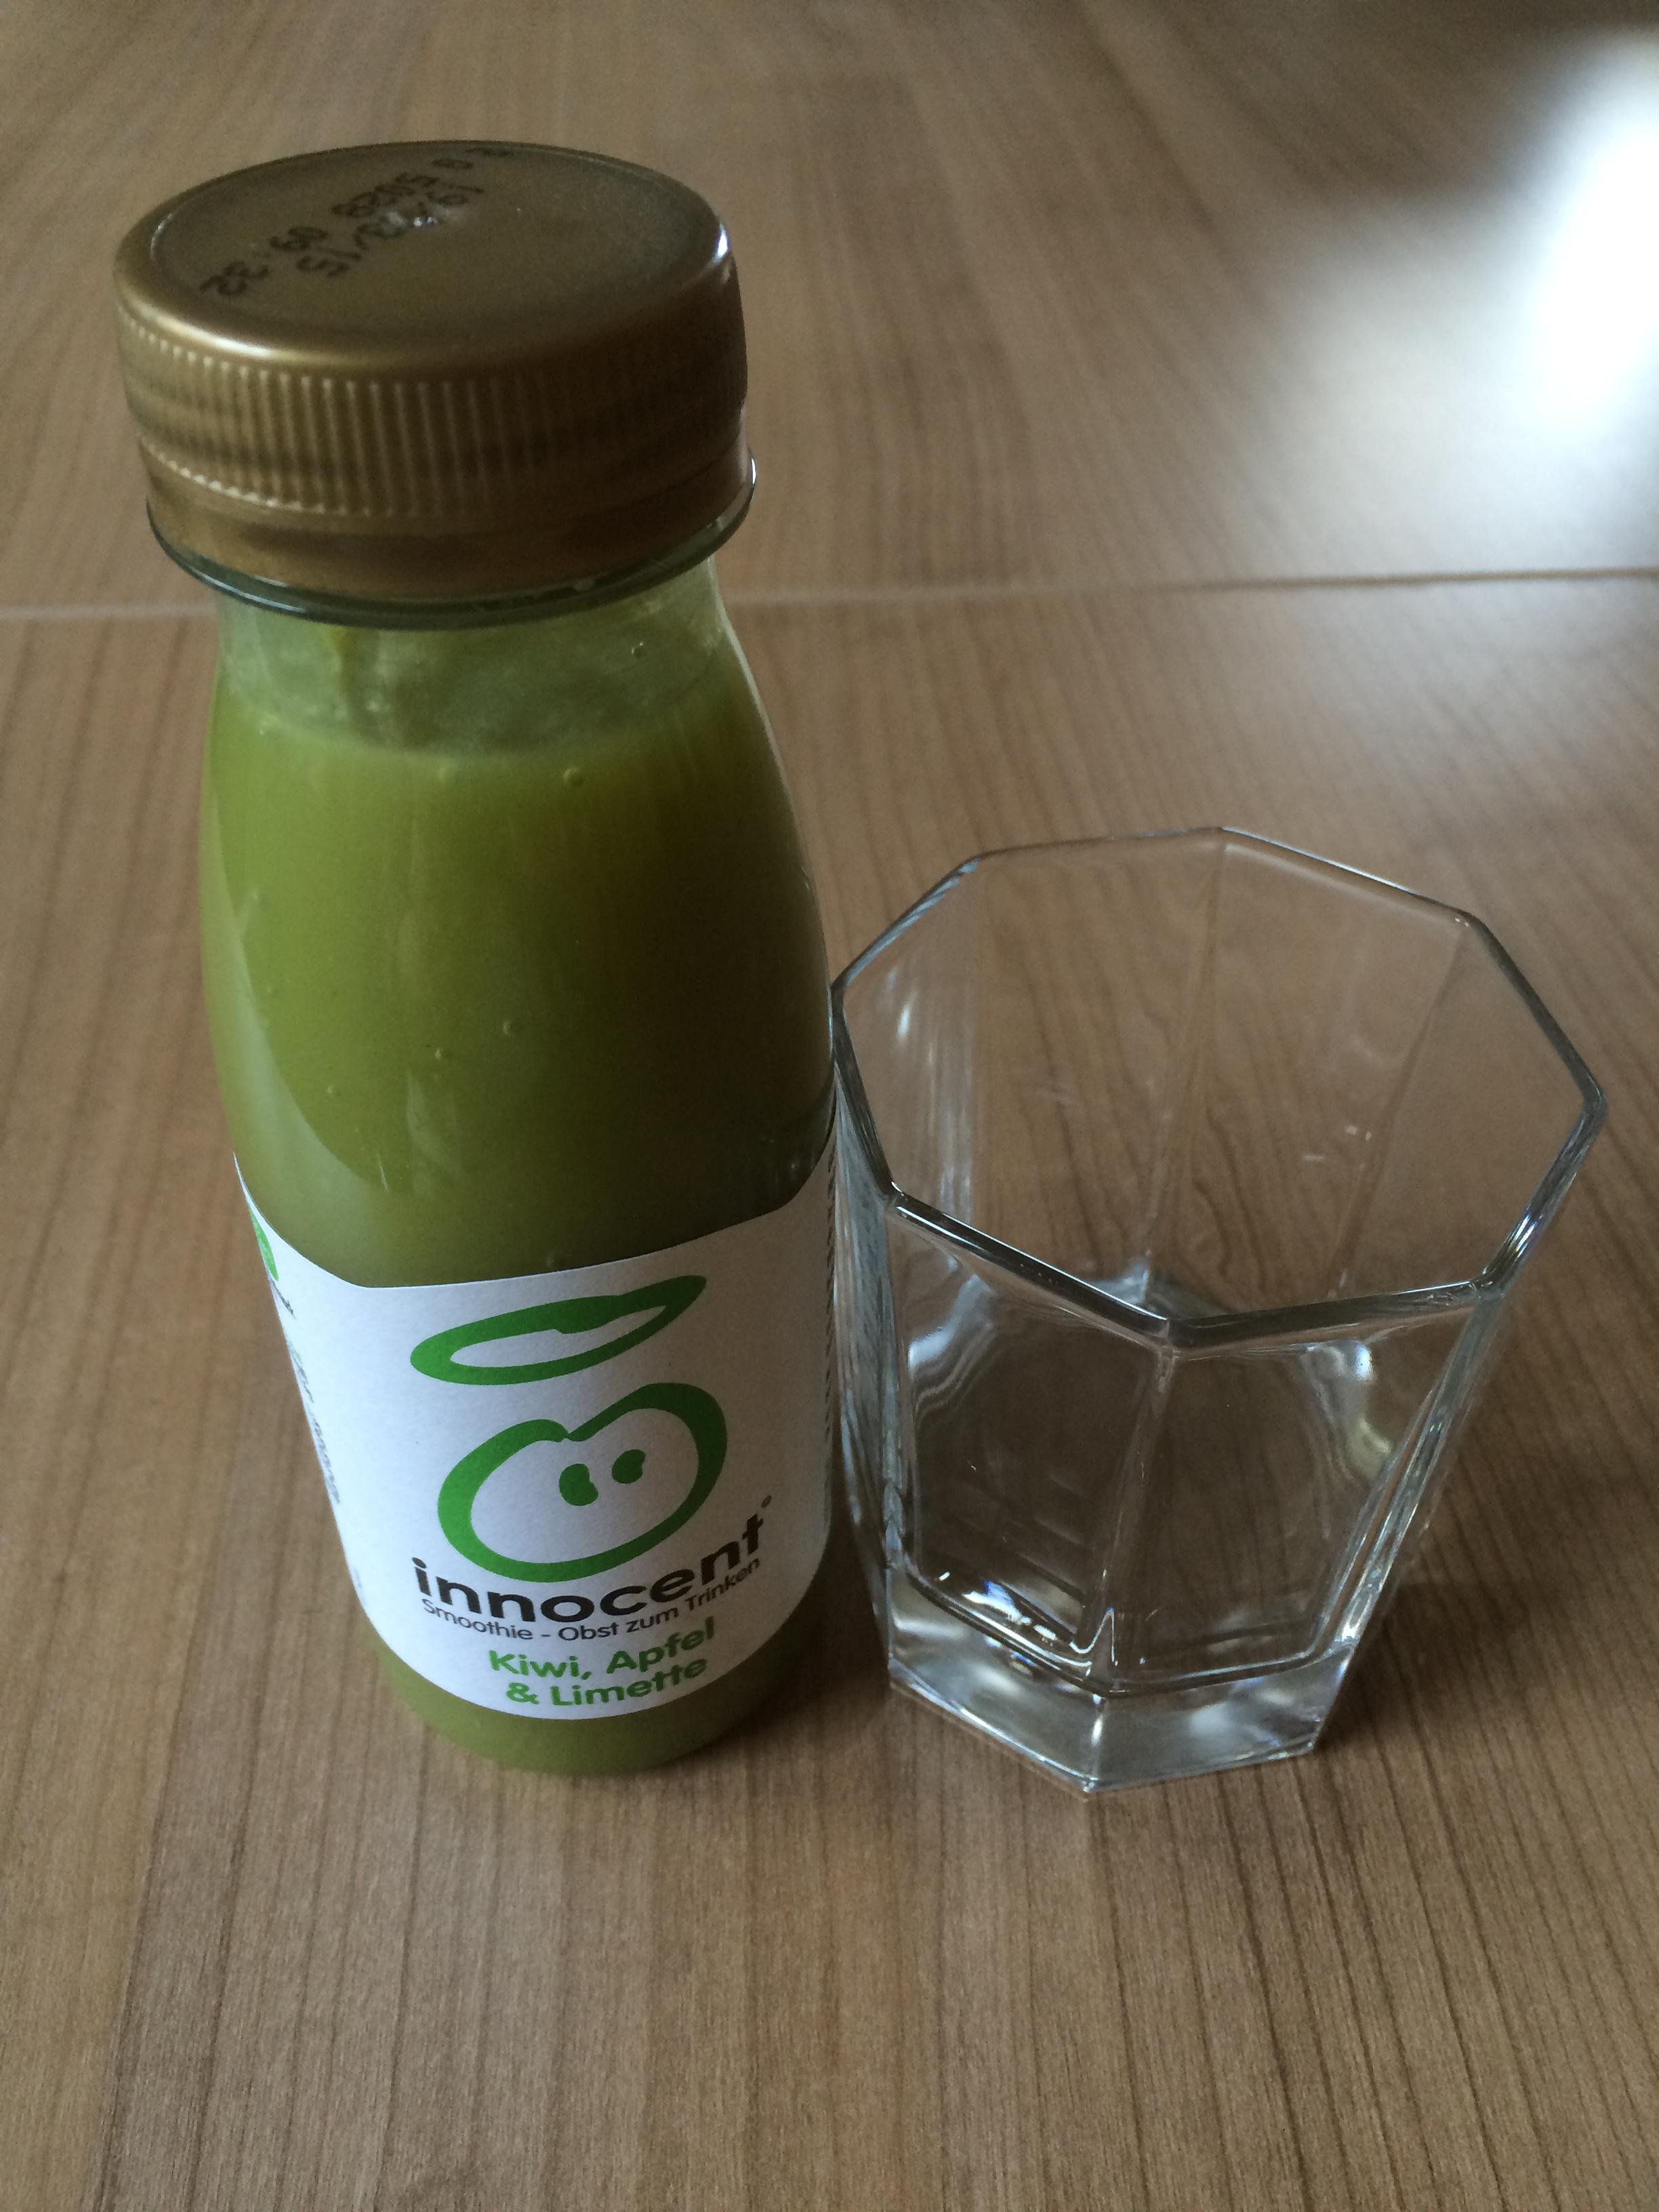 Innocent - Kiwi, Apfel und Limette Flasche Probenqueen